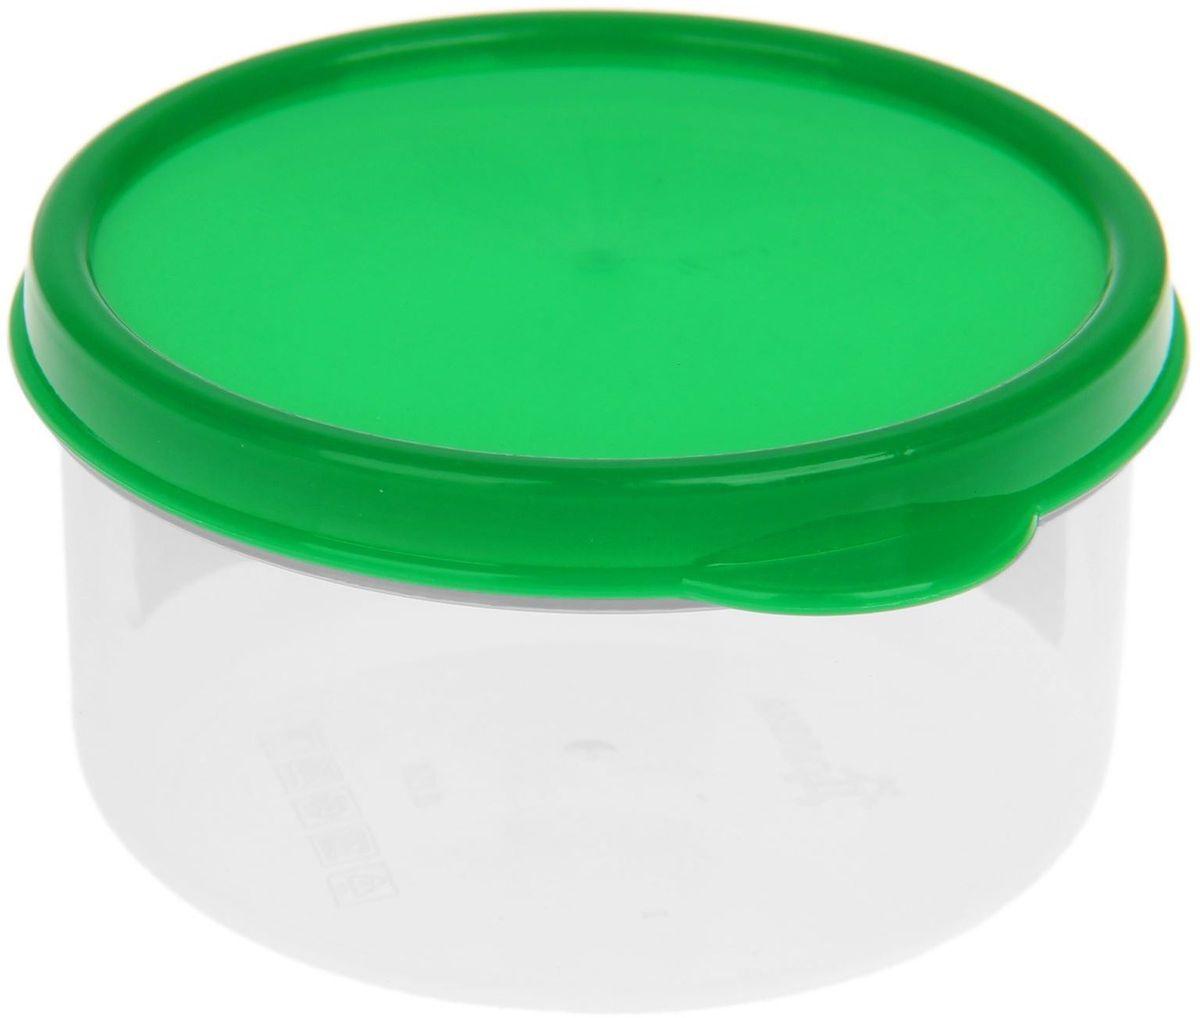 Контейнер пищевой Доляна, круглый, цвет: зеленый, 150 млSC-FD421005Если после вкусного обеда осталась еда, а насладиться трапезой хочется и на следующий день, ланч-бокс станет отличным решением данной проблемы!Такой контейнер является незаменимым предметом кухонной утвари, ведь у него много преимуществ:Простота ухода. Ланч-бокс достаточно промыть тёплой водой с небольшим количеством чистящего средства, и он снова готов к использованию.Вместительность. Большой выбор форм и объёма поможет разместить разнообразные продукты от сахара до супов.Эргономичность. Ланч-боксы очень легко хранить даже в самой маленькой кухне, так как их можно поставить один в другой по принципу матрёшки.Многофункциональность. Разнообразие цветов и форм делает возможным использование контейнеров не только на кухне, но и в других областях домашнего быта.Любители приготовления обеда на всю семью в большинстве случаев приобретают ланч-боксы наборами, так как это позволяет рассортировать продукты по всевозможным признакам. К тому же контейнеры среднего размера станут незаменимыми помощниками на работе: ведь что может быть приятнее, чем порадовать себя во время обеда прекрасной едой, заботливо сохранённой в контейнере?В качестве материала для изготовления используется пластик, что делает процесс ухода за контейнером ещё более эффективным. К каждому ланч-боксу в комплекте также прилагается крышка подходящего размера, это позволяет плотно и надёжно удерживать запах еды и упрощает процесс транспортировки.Однако рекомендуется соблюдать и меры предосторожности: не использовать пластиковые контейнеры в духовых шкафах и на открытом огне, а также не разогревать в микроволновых печах при закрытой крышке ланч-бокса. Соблюдение мер безопасности позволит продлить срок эксплуатации и сохранить отличный внешний вид изделия.Эргономичный дизайн и многофункциональность таких контейнеров — вот, что является причиной большой популярности данного предмета у каждой хозяйки. А в преддверии лета и дачного сезона такое прио